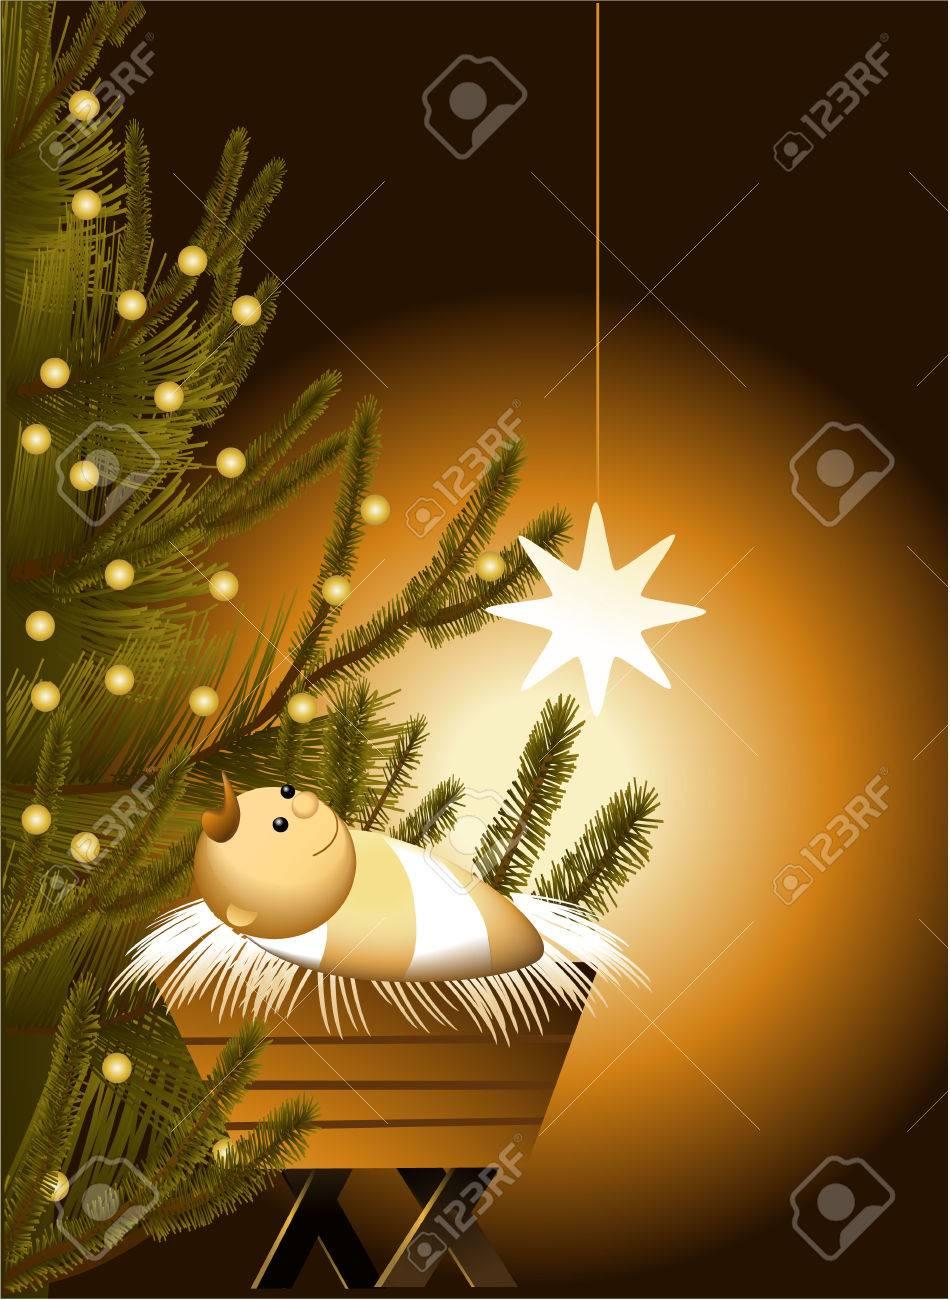 Immagini Gesu Bambino Natale.Scena Di Natale Con Gesu Bambino